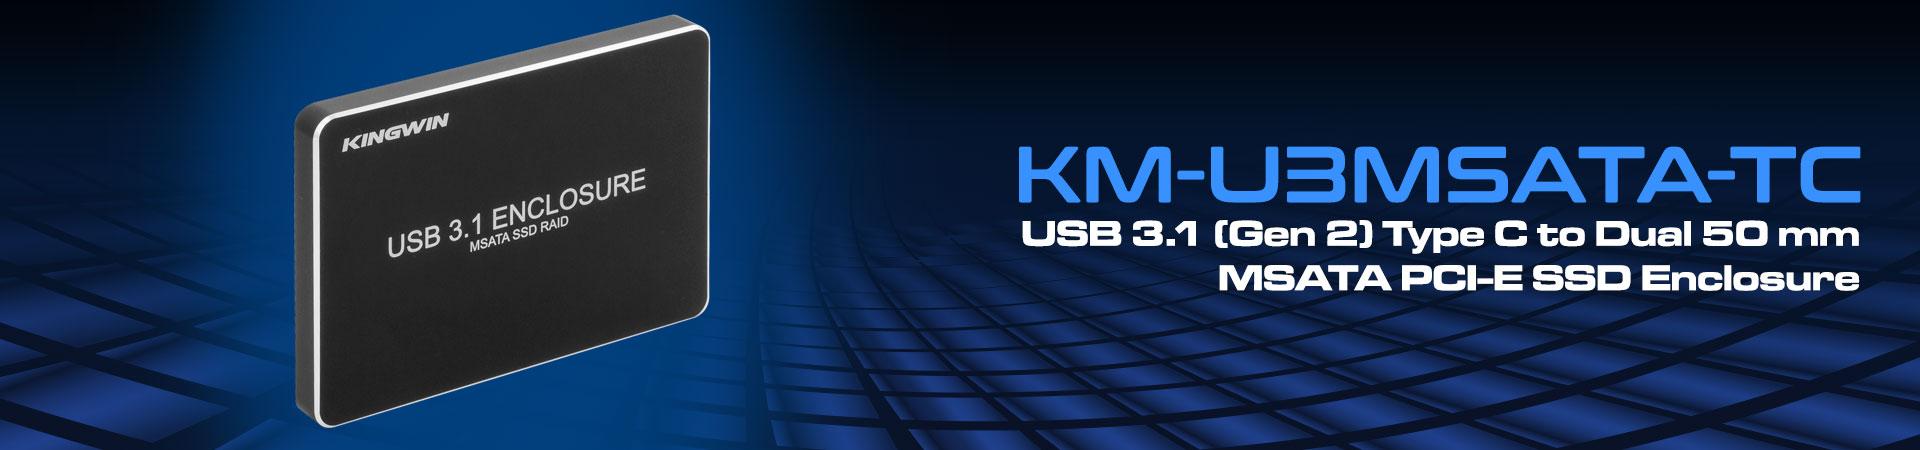 KM-U3MSATA-TC_BANNER